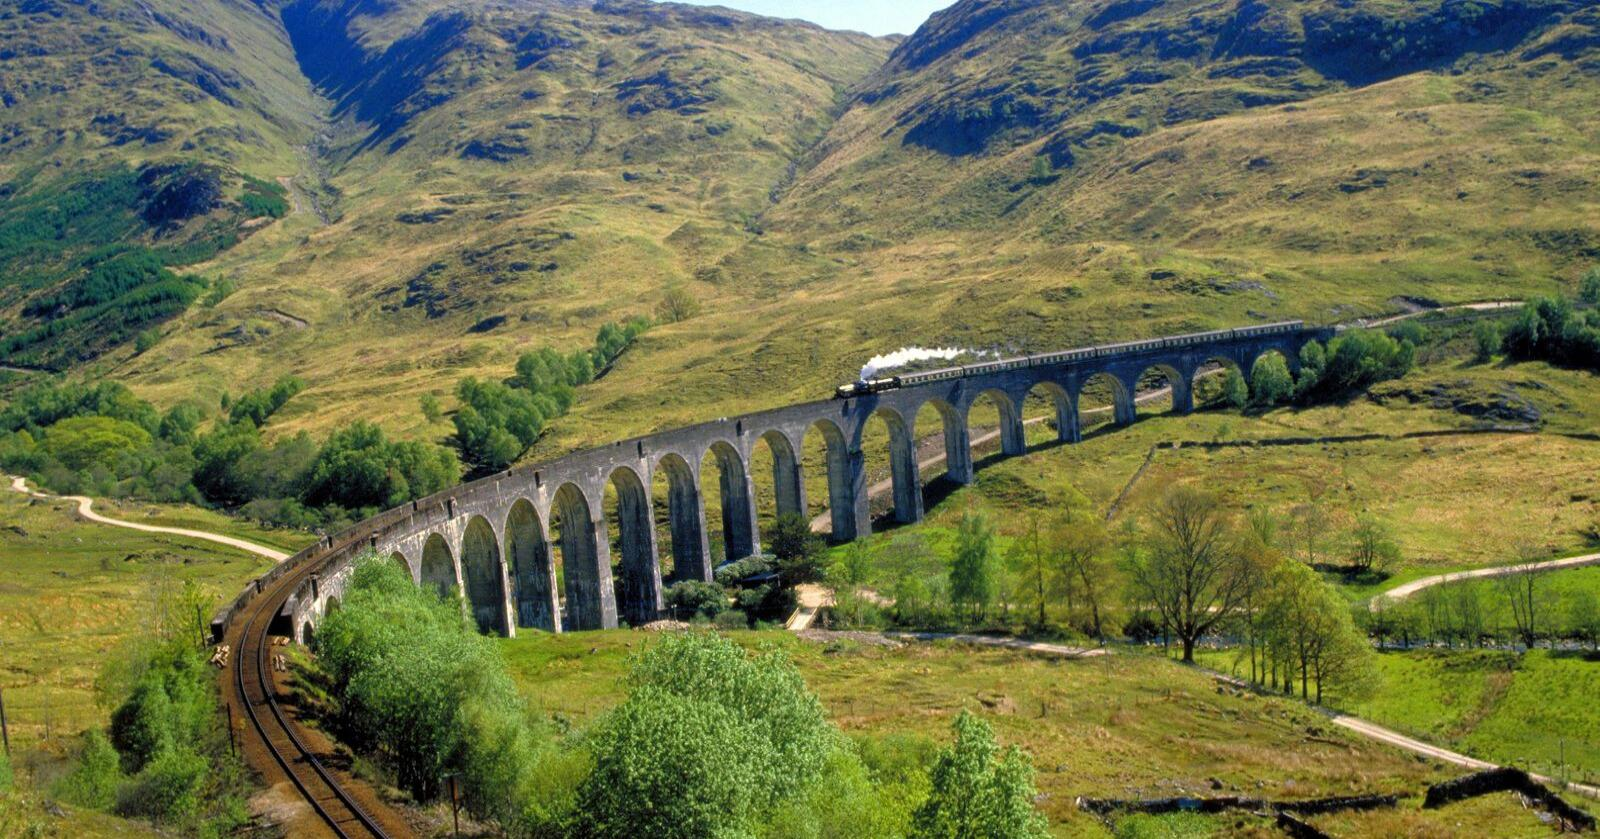 Denne jernbanebrua på West coast railway er vel kjent fra Harry Potter-filmene.  Foto: VisitBritain